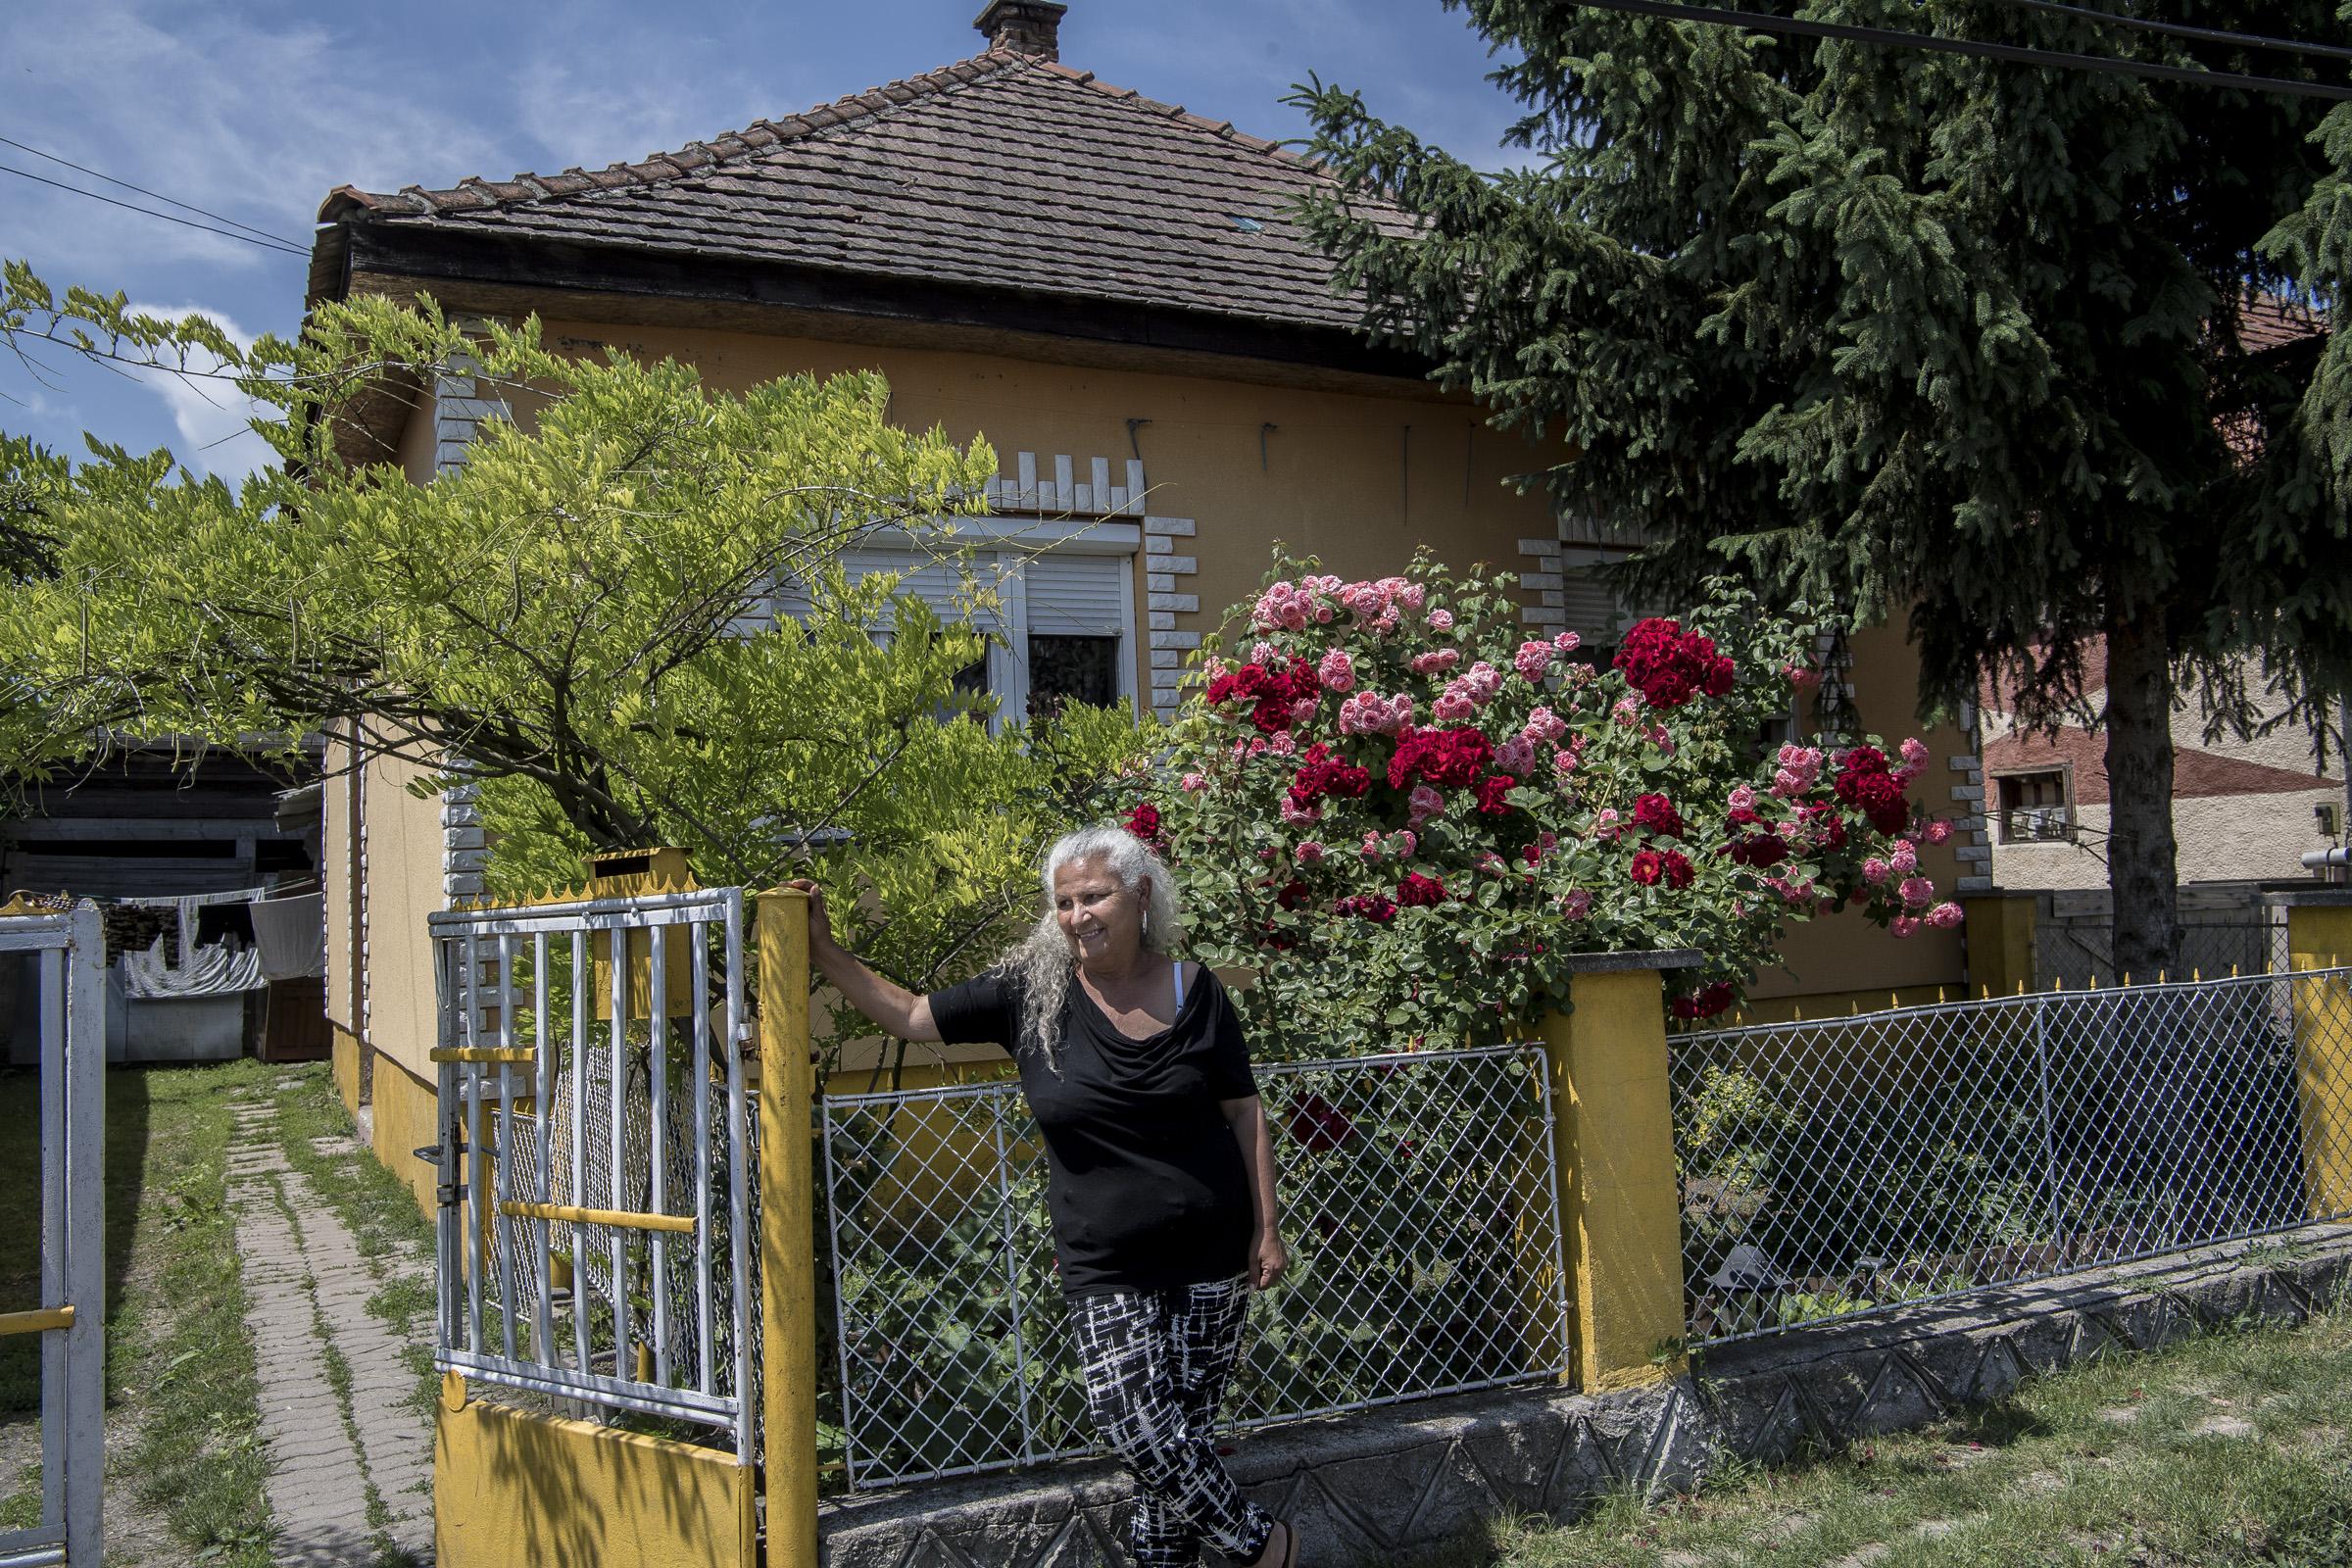 Inkább kidobnak félmilliárdot az ablakon, csak a romáknak ne kelljen adni